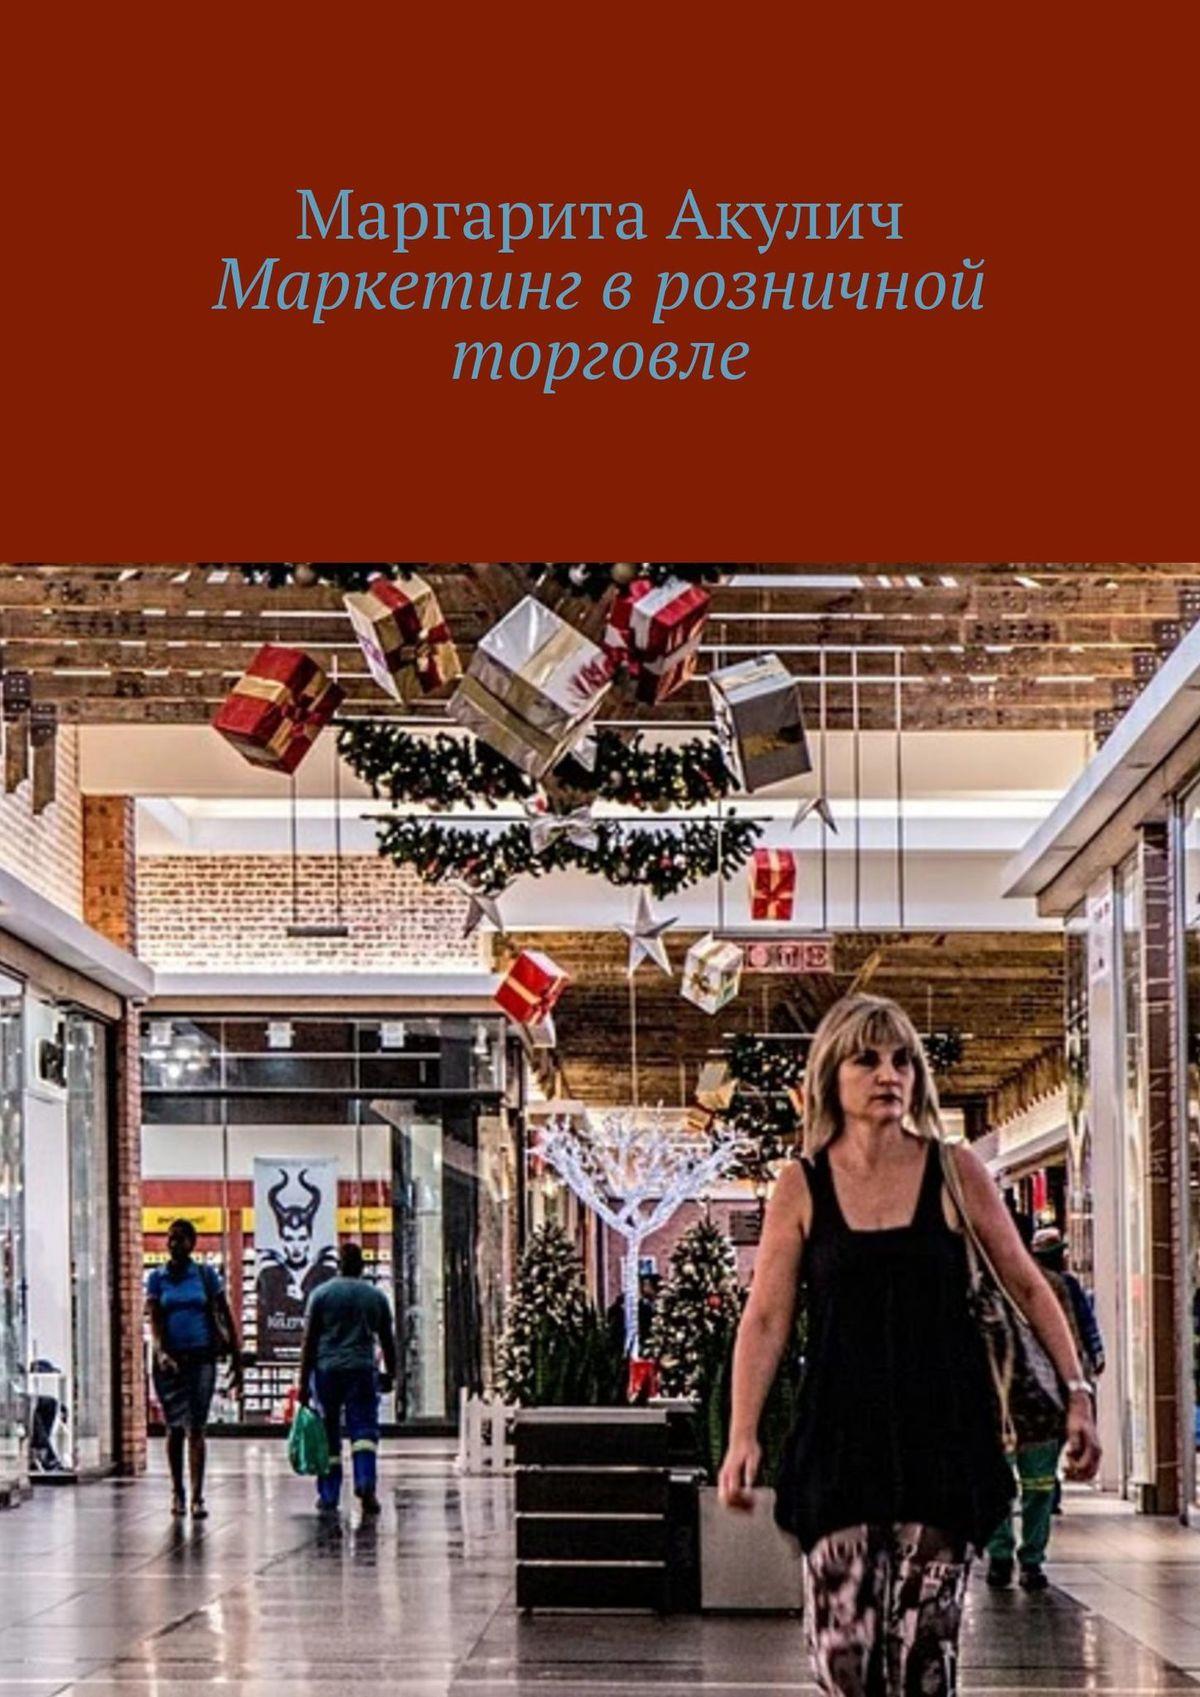 Маргарита Акулич Маркетинг врозничной торговле все цены